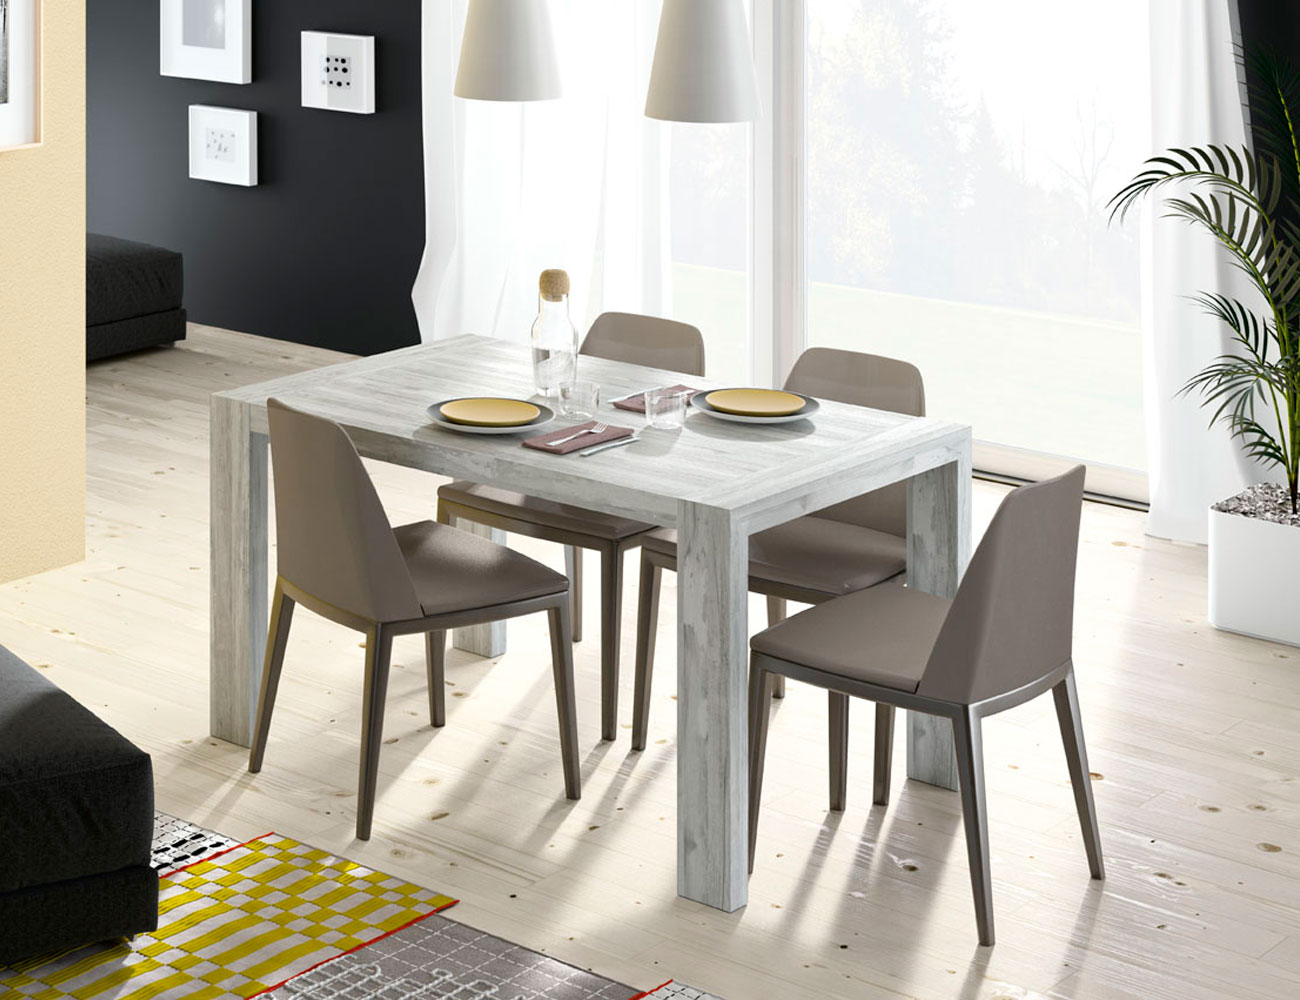 173 mesa rectangular pata deslizante artic1